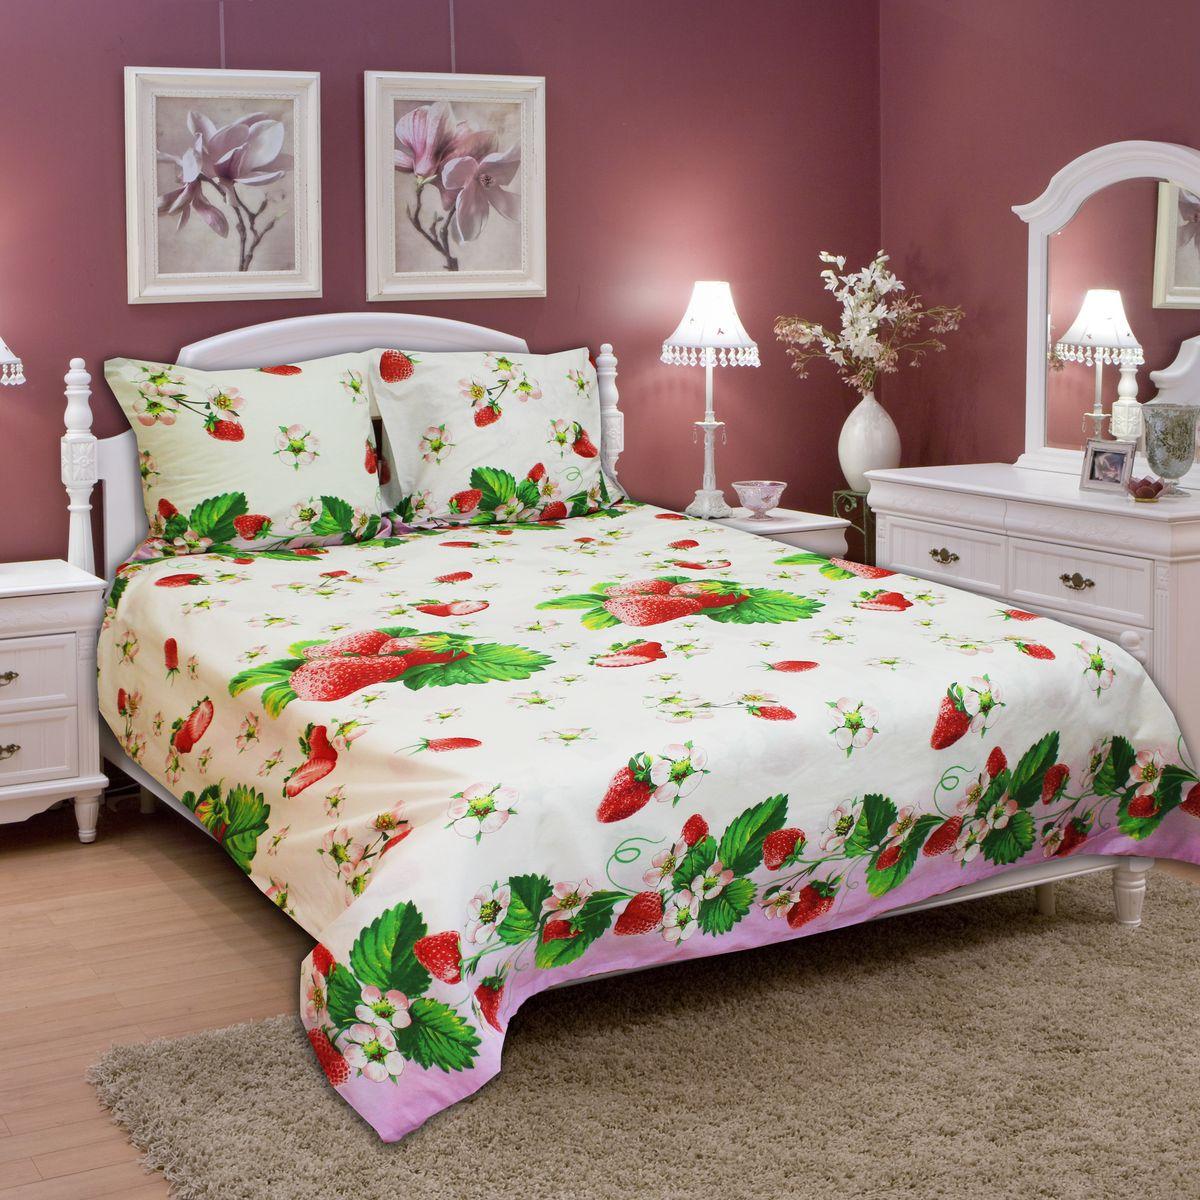 Комплект белья Amore Mio Strawberry, 2-спальный, наволочки 70х7077710Постельное белье из бязи практично и долговечно, а самое главное - это 100% хлопок! Материал великолепно отводит влагу, отлично пропускает воздух, не капризен в уходе, легко стирается и гладится. Новая коллекция Naturel 3-D дизайнов позволит выбрать постельное белье на любой вкус!